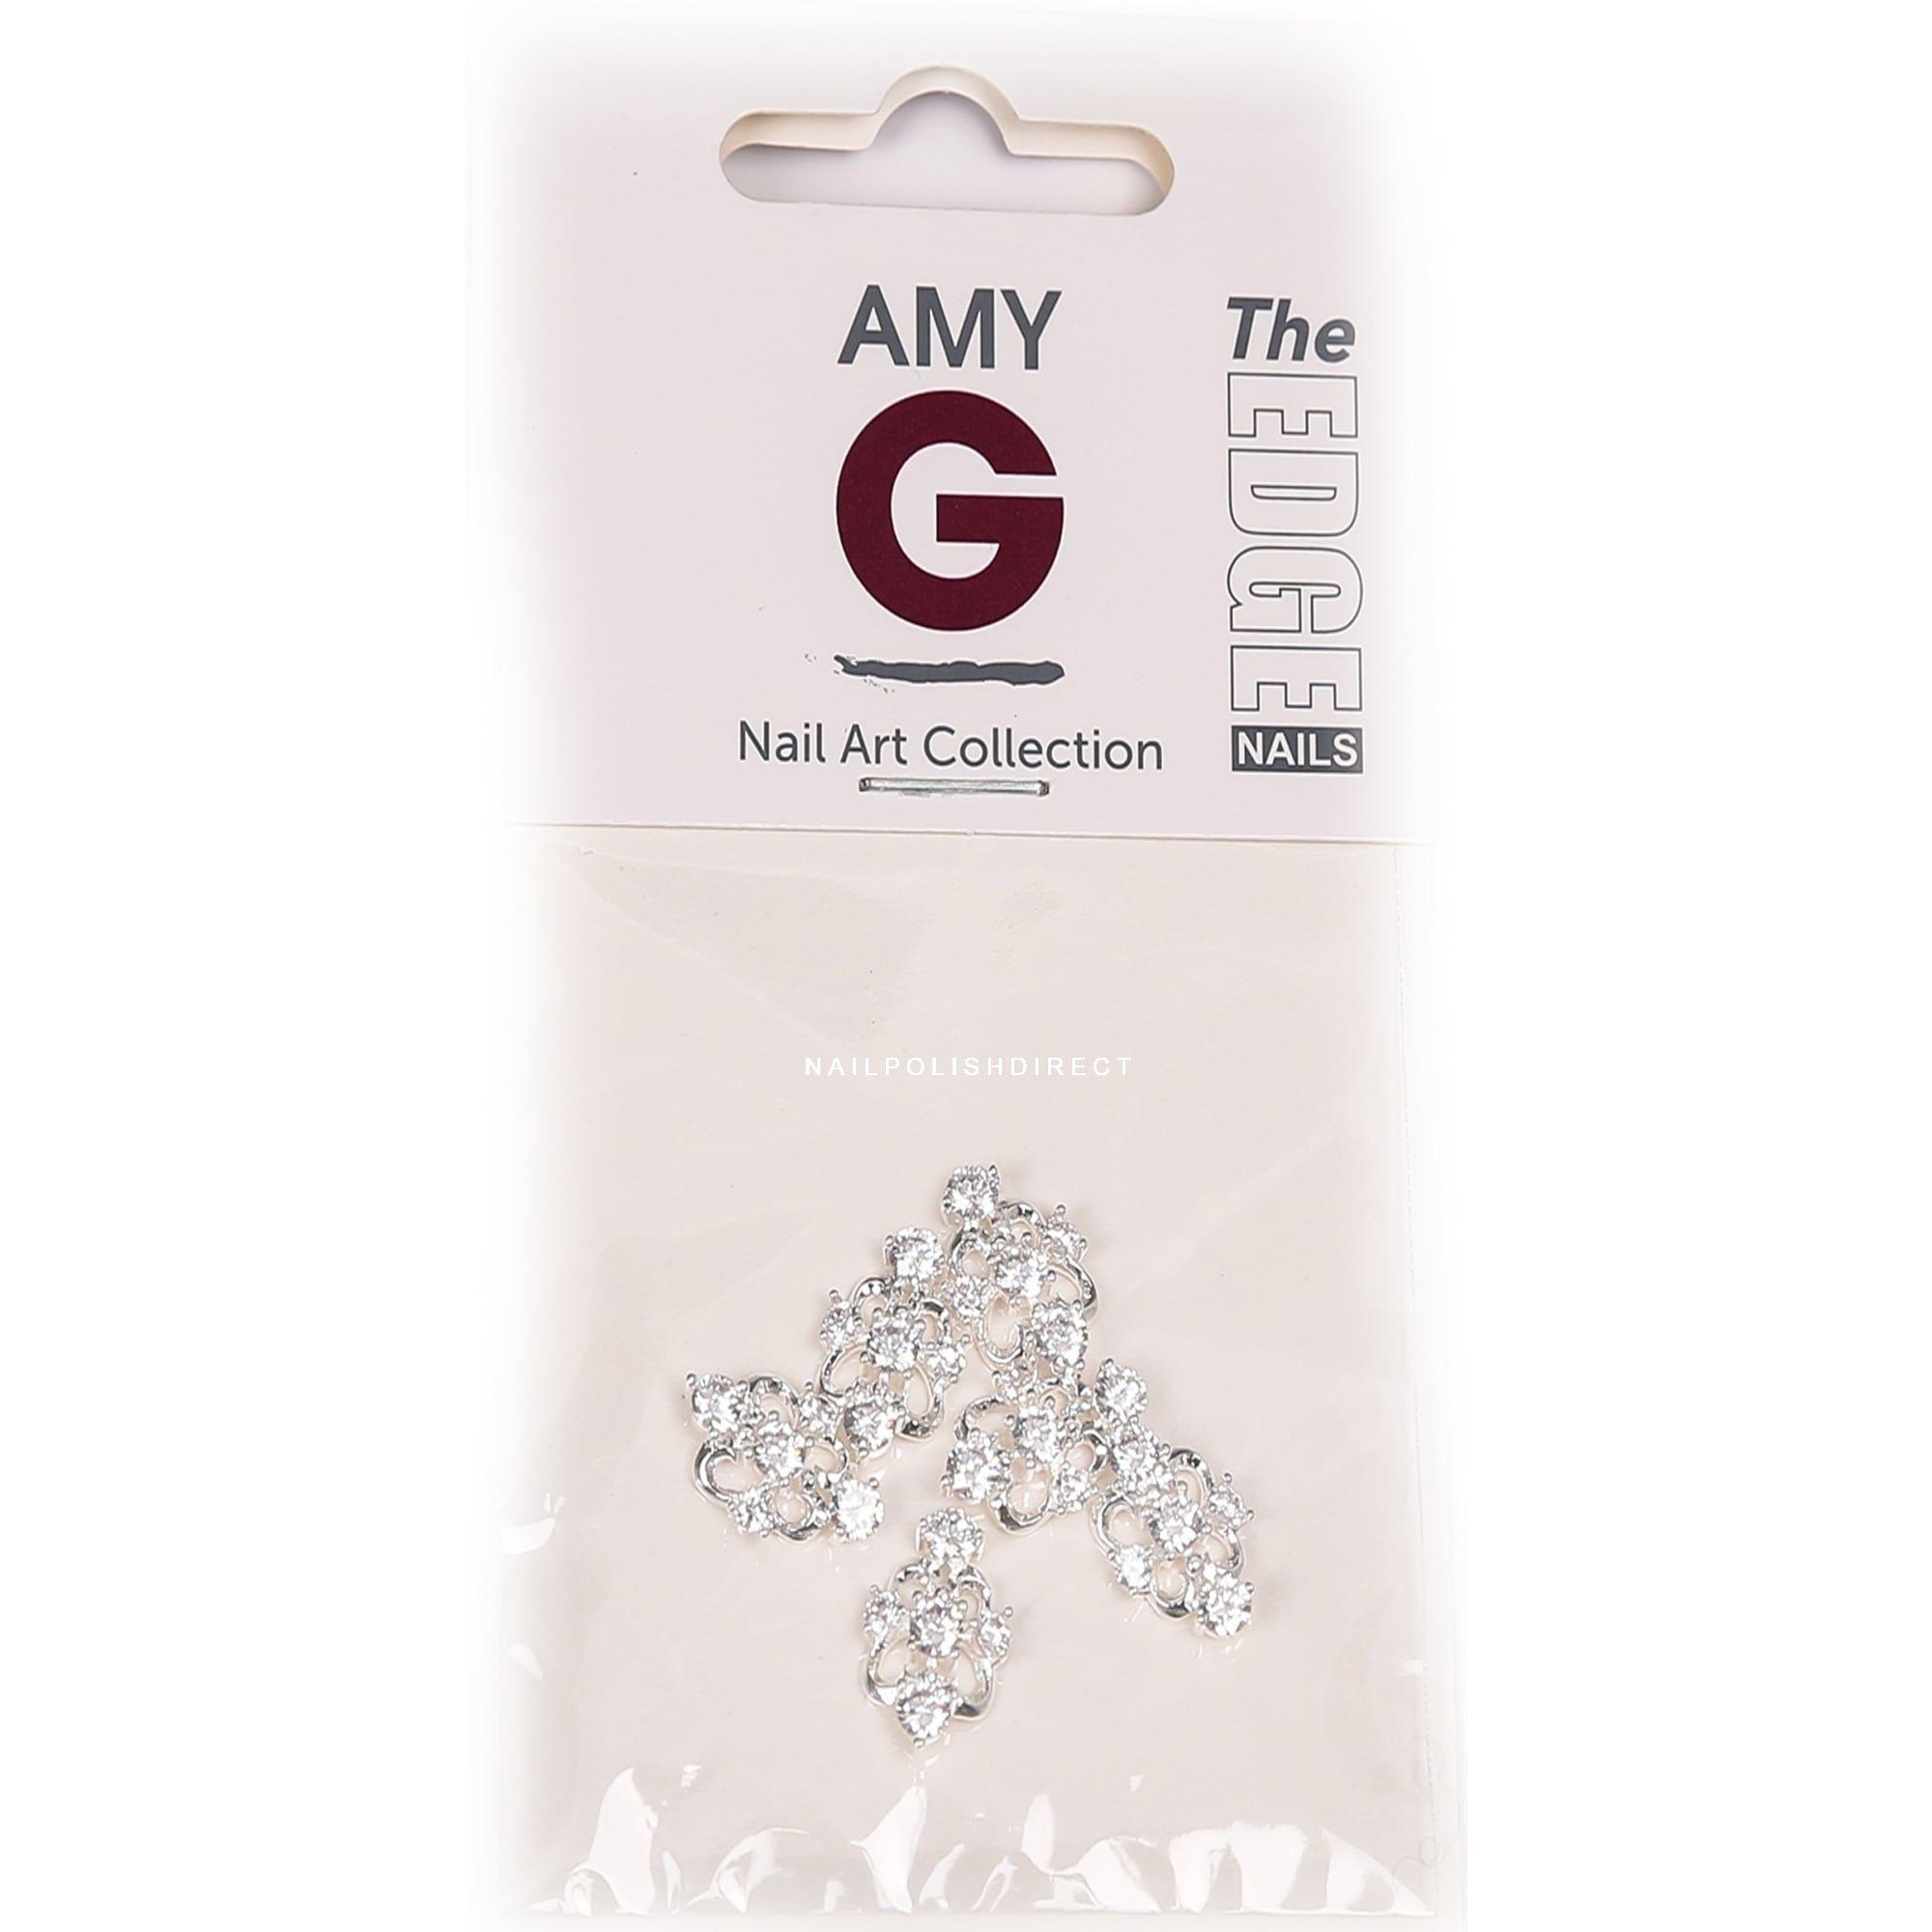 Amy g nail art